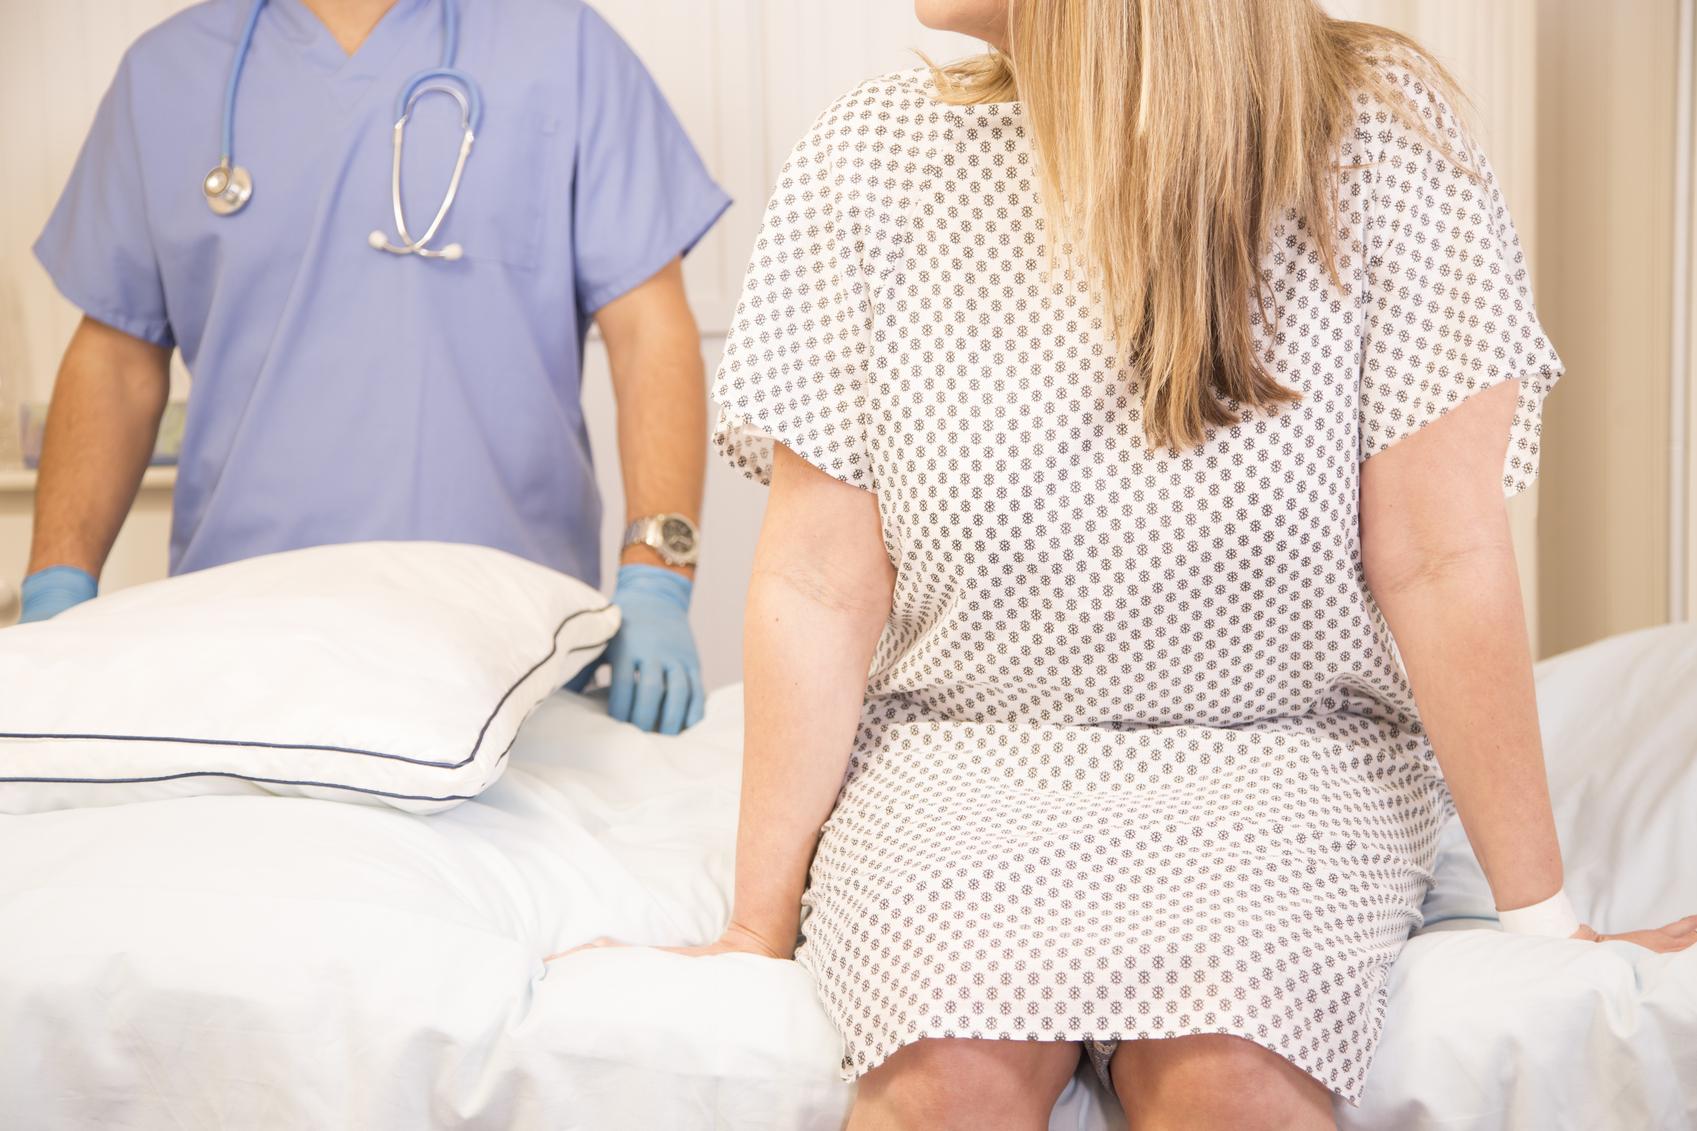 لقاح شخصي ضد سرطان المبيض